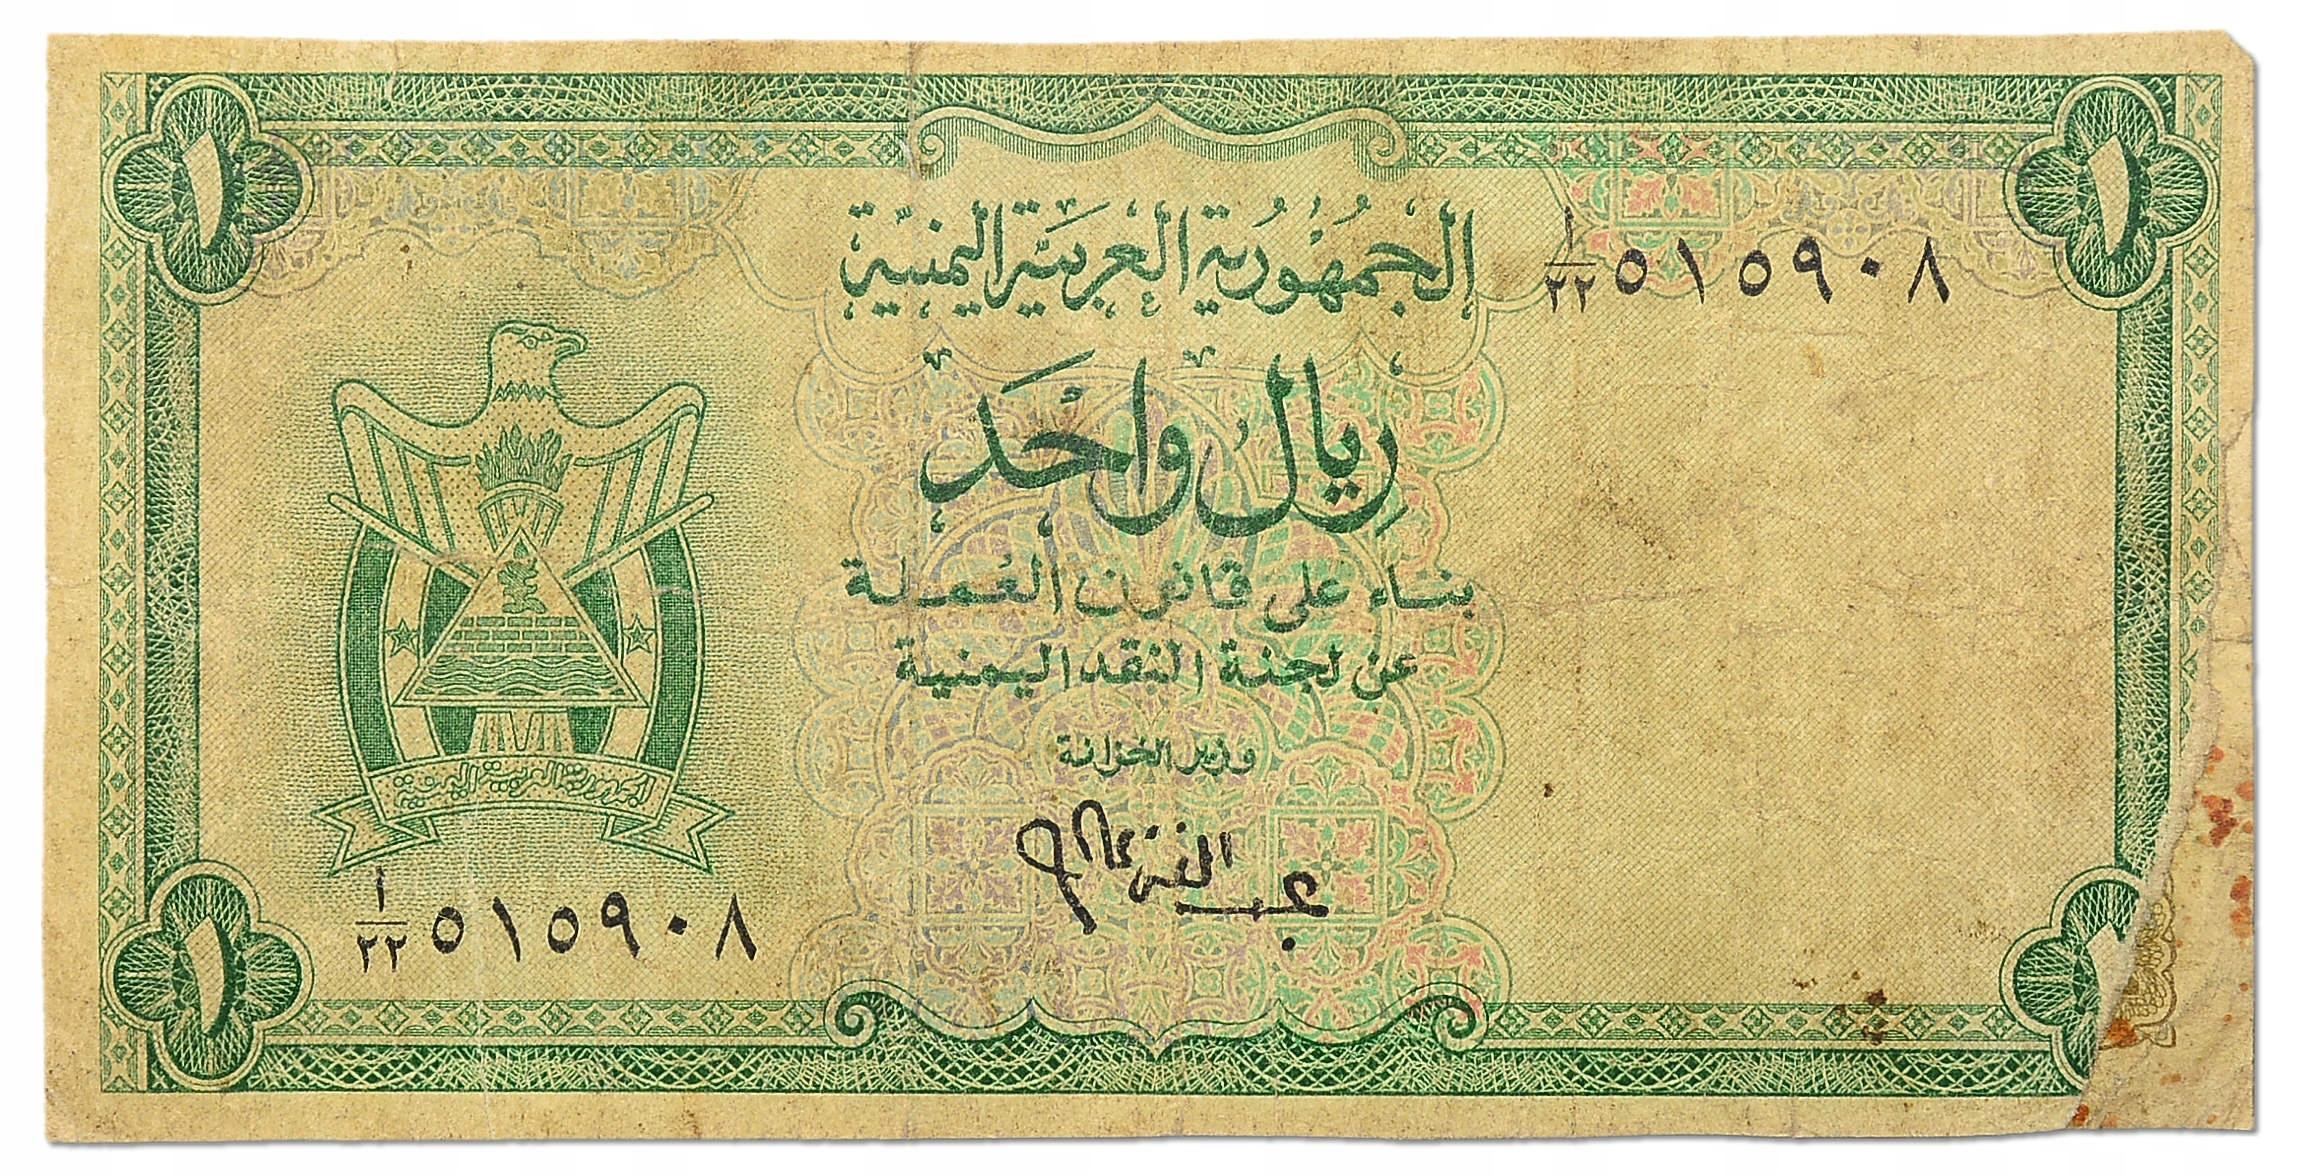 4.di.Yemen, 1 Rial 1964, P.1.a, St.4+